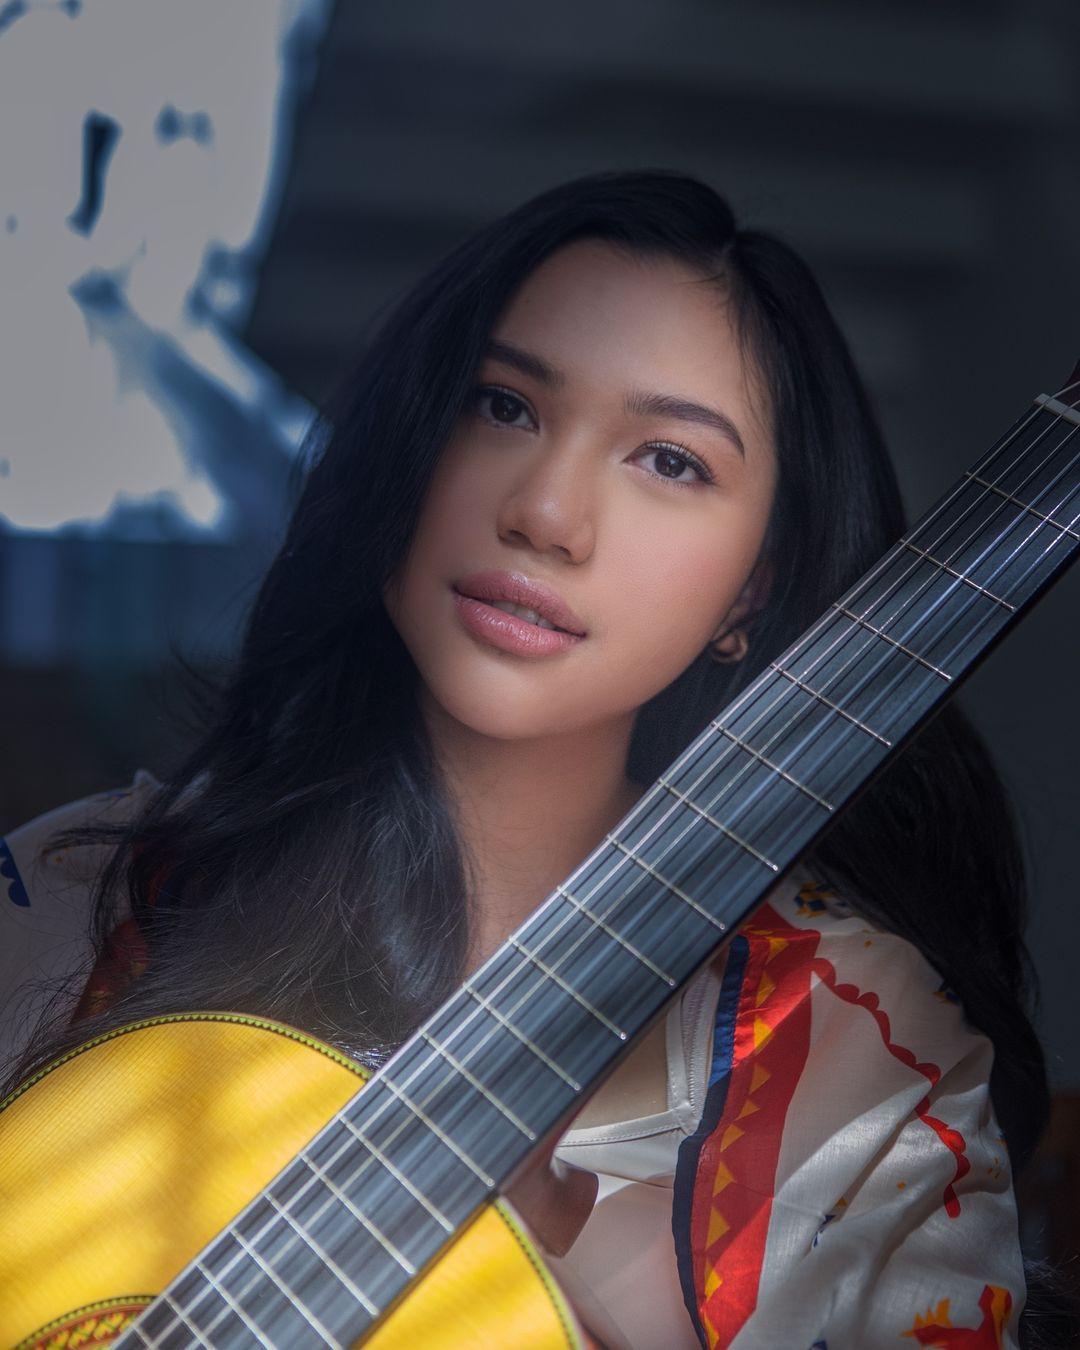 7 Pesona Aminda, Penyanyi Muda yang Luncurkan Single Terbaru